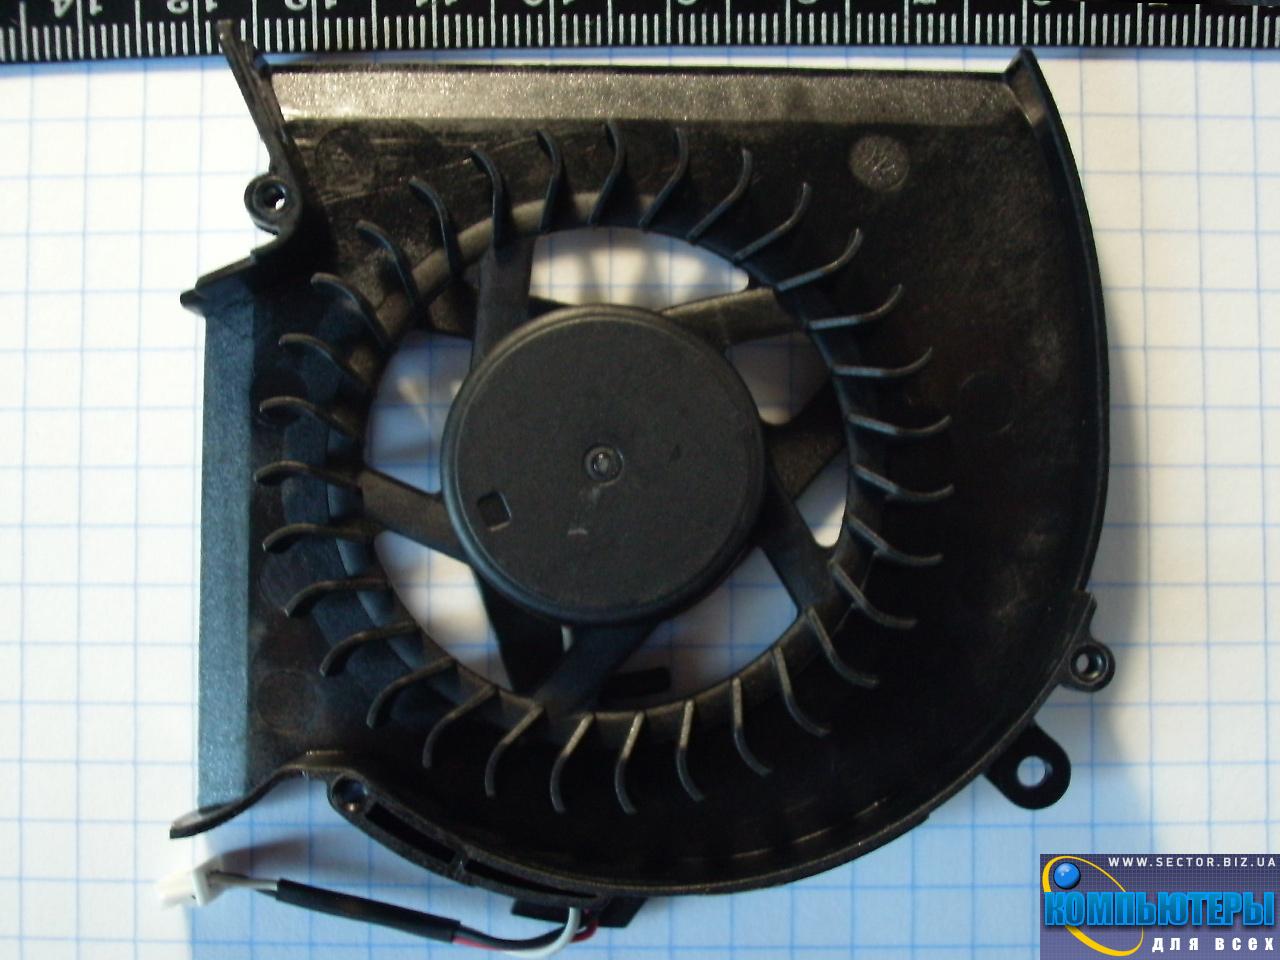 Кулер к ноутбуку Samsung R620 R580 RV508 RV510 p/n: DFS531005MC0T F81G-1. Фото № 6.